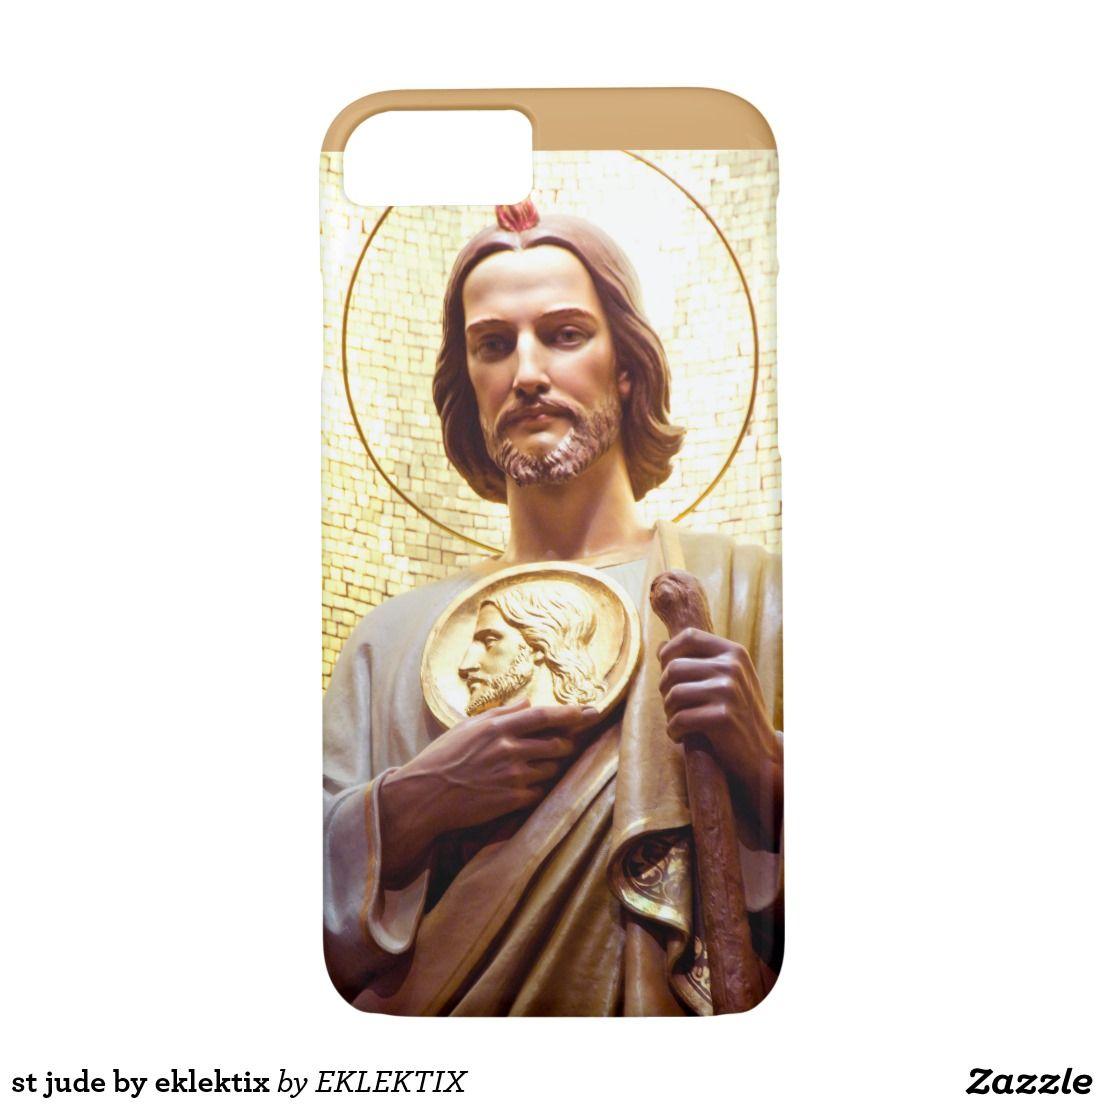 st jude by eklektix iPhone 7 case